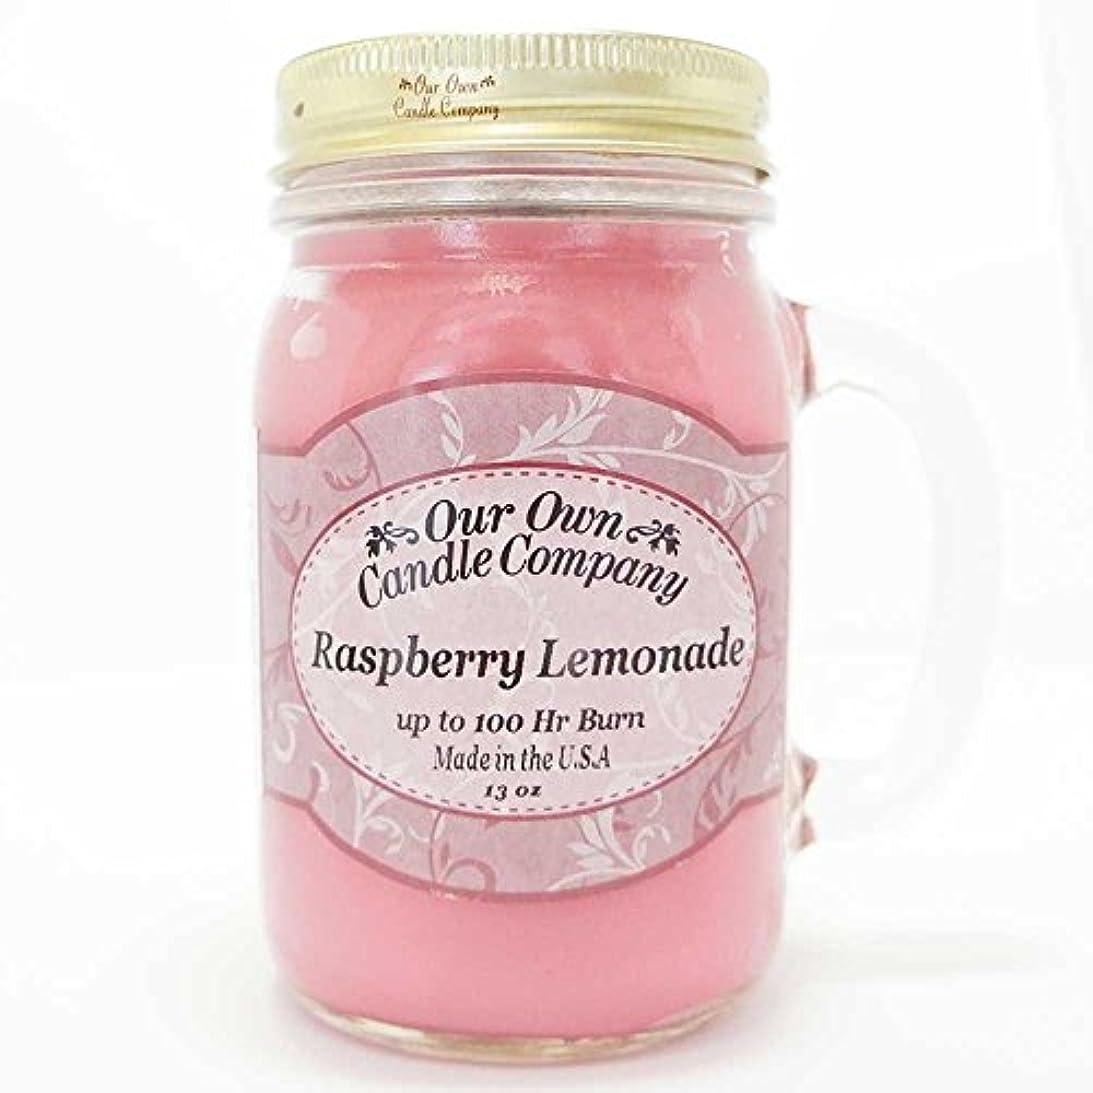 ジャンプくるくる月曜Our Own Candle Company メイソンジャーキャンドル ラージサイズ ラズベリーレモネード OU100096